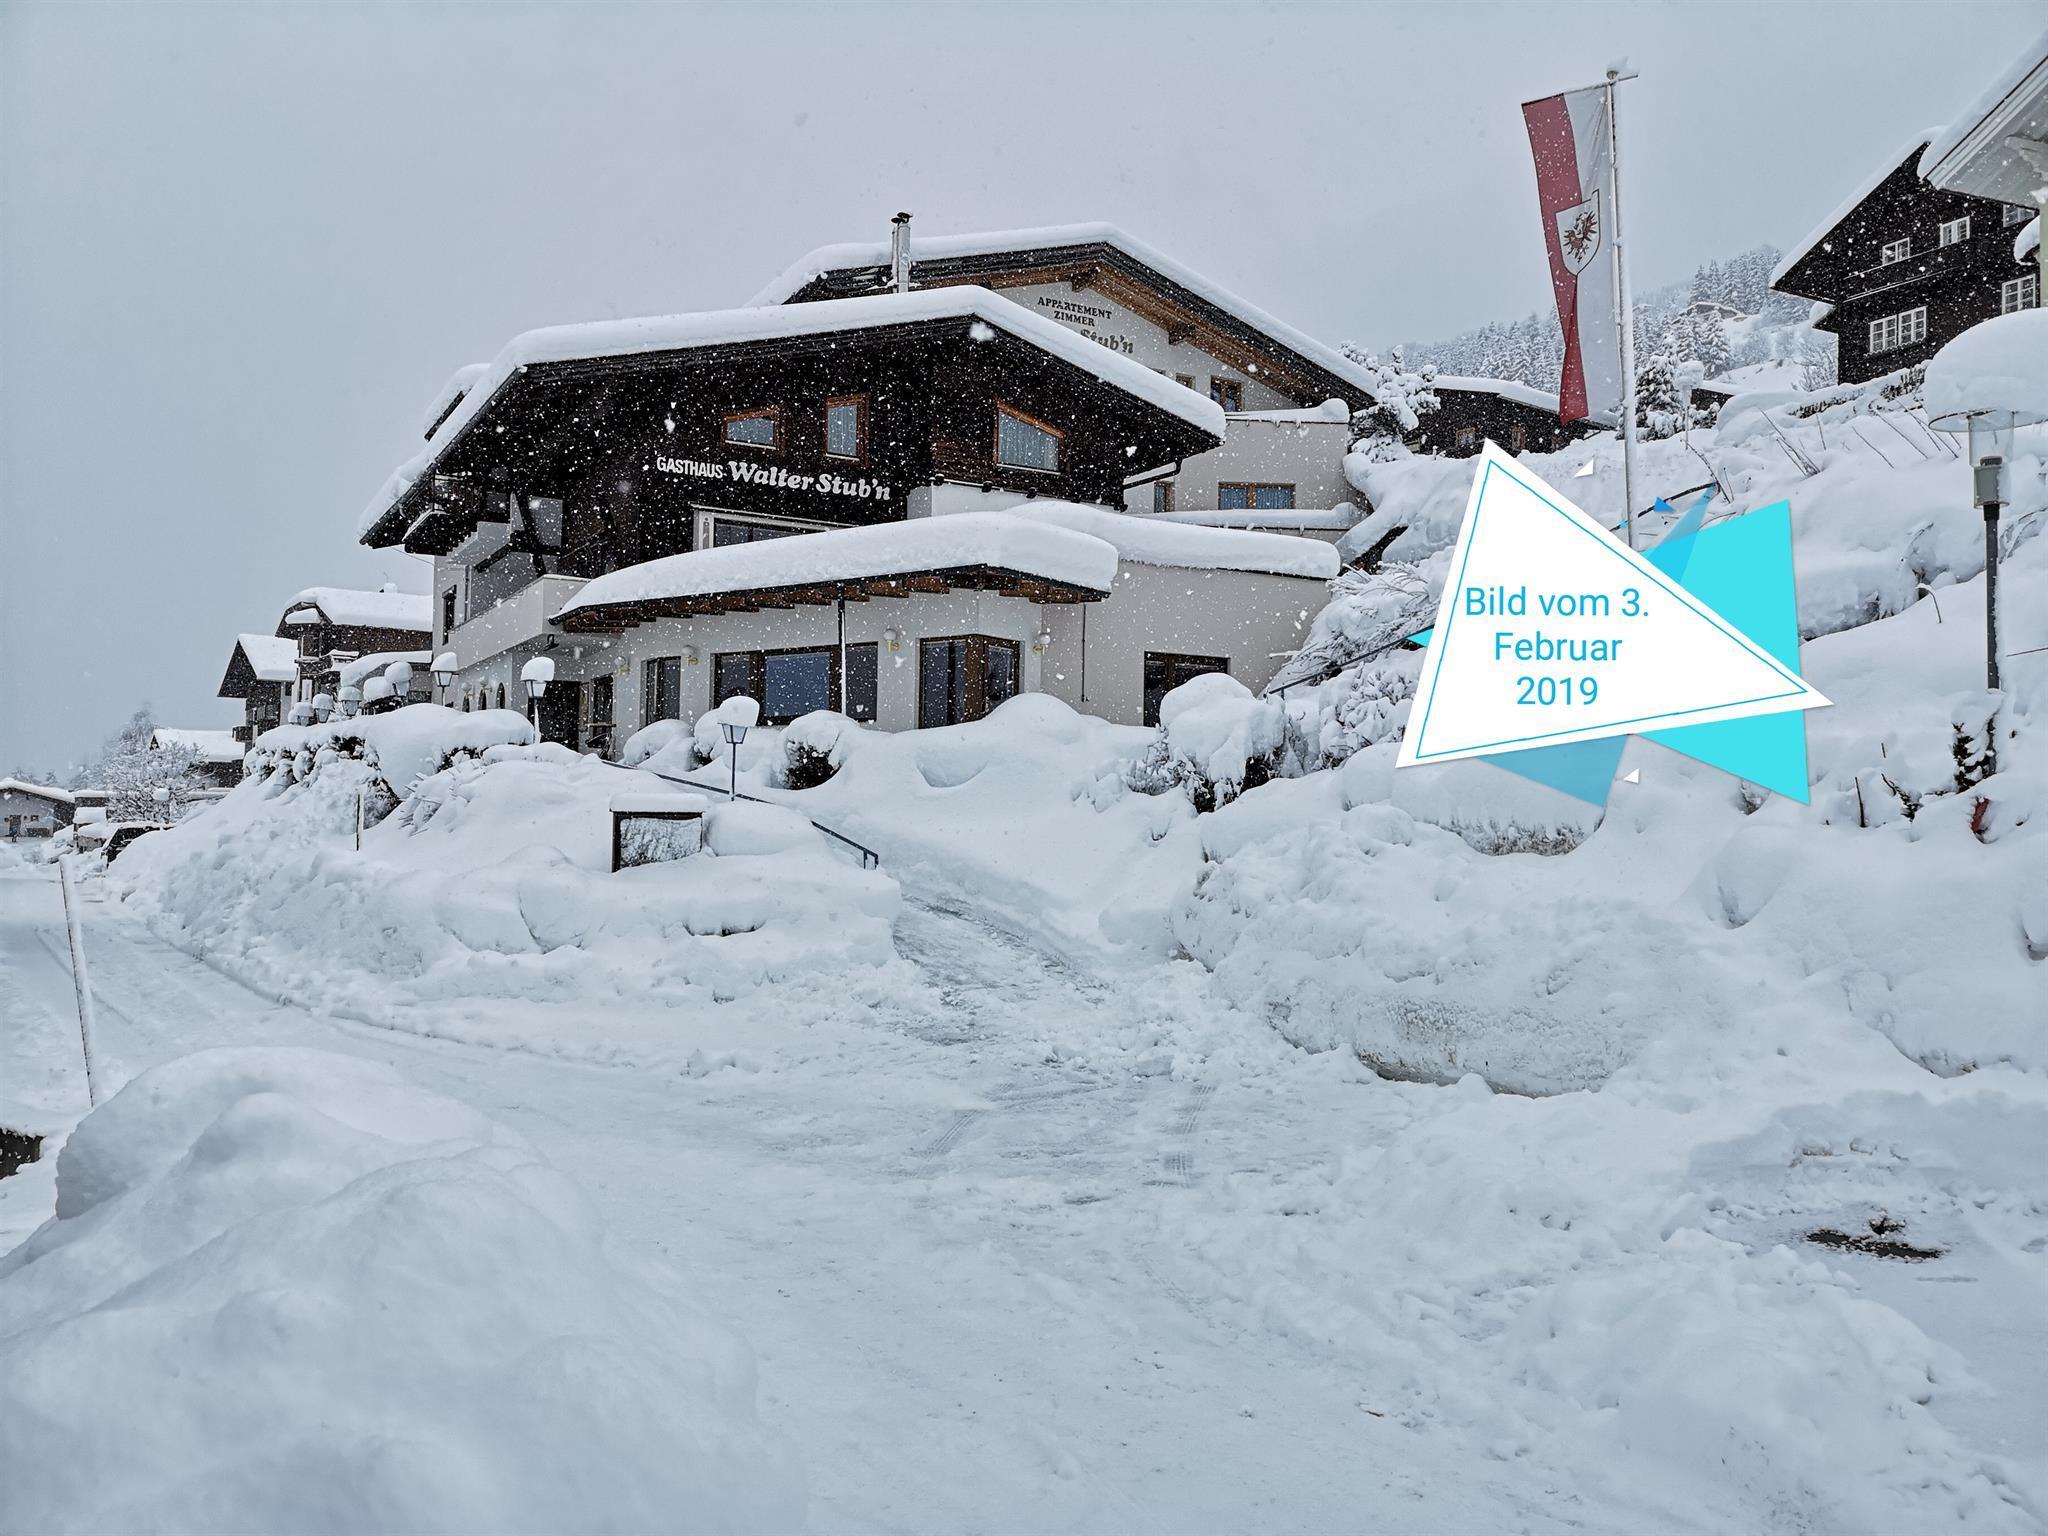 Ansicht-Haus-Winter-2019.jpg